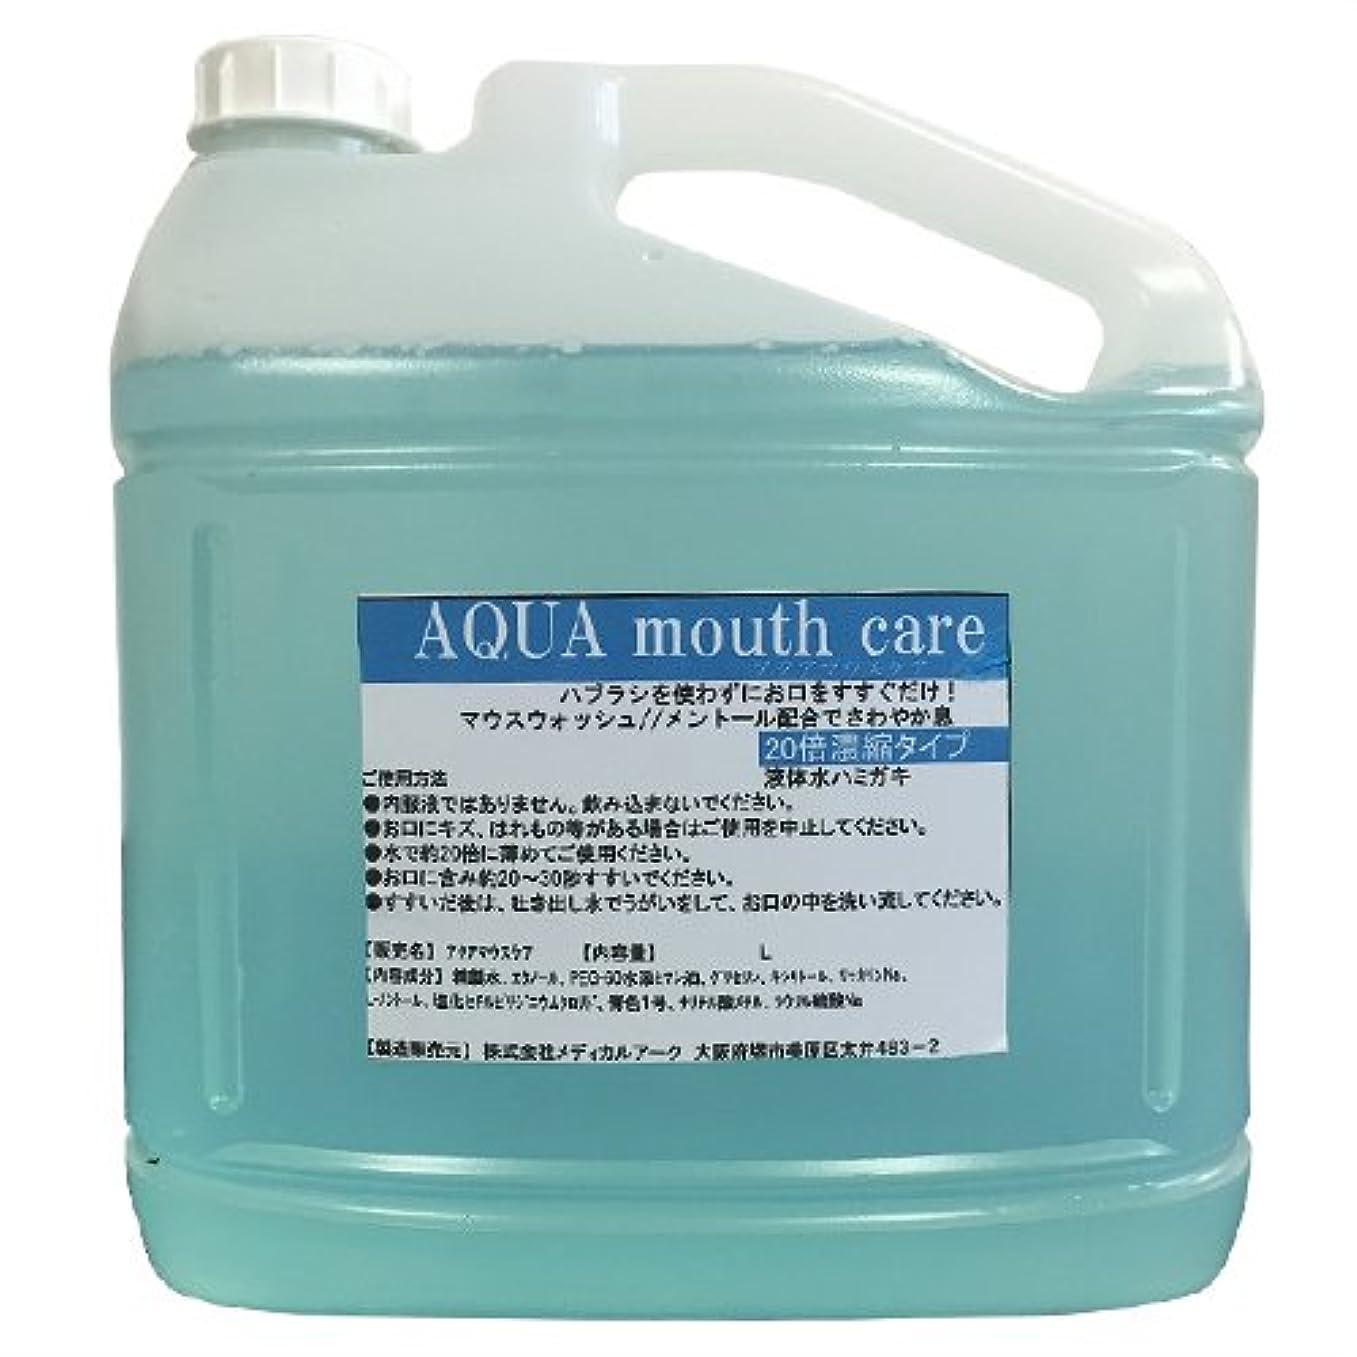 受け皿レコーダー共産主義業務用洗口液 マウスウォッシュ アクアマウスケア (AQUA mouth care) 20倍濃縮タイプ 5L (詰め替えコック付き)